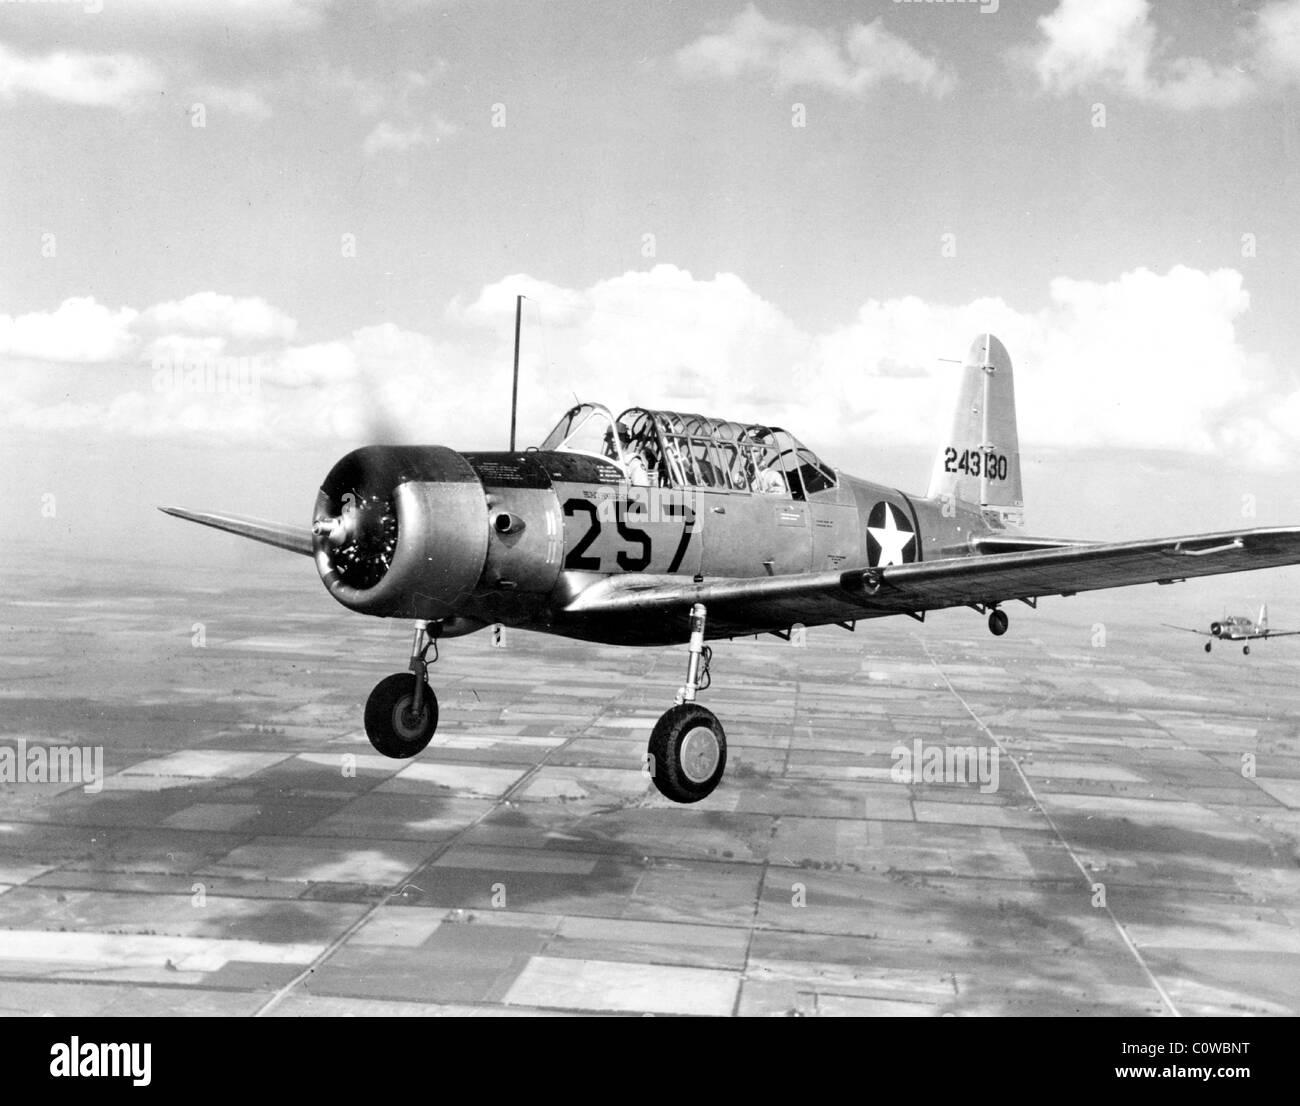 Vultee BT-13 fue un valiente americano de la época de la Segunda Guerra Mundial aviones de adiestramiento básico. Imagen De Stock